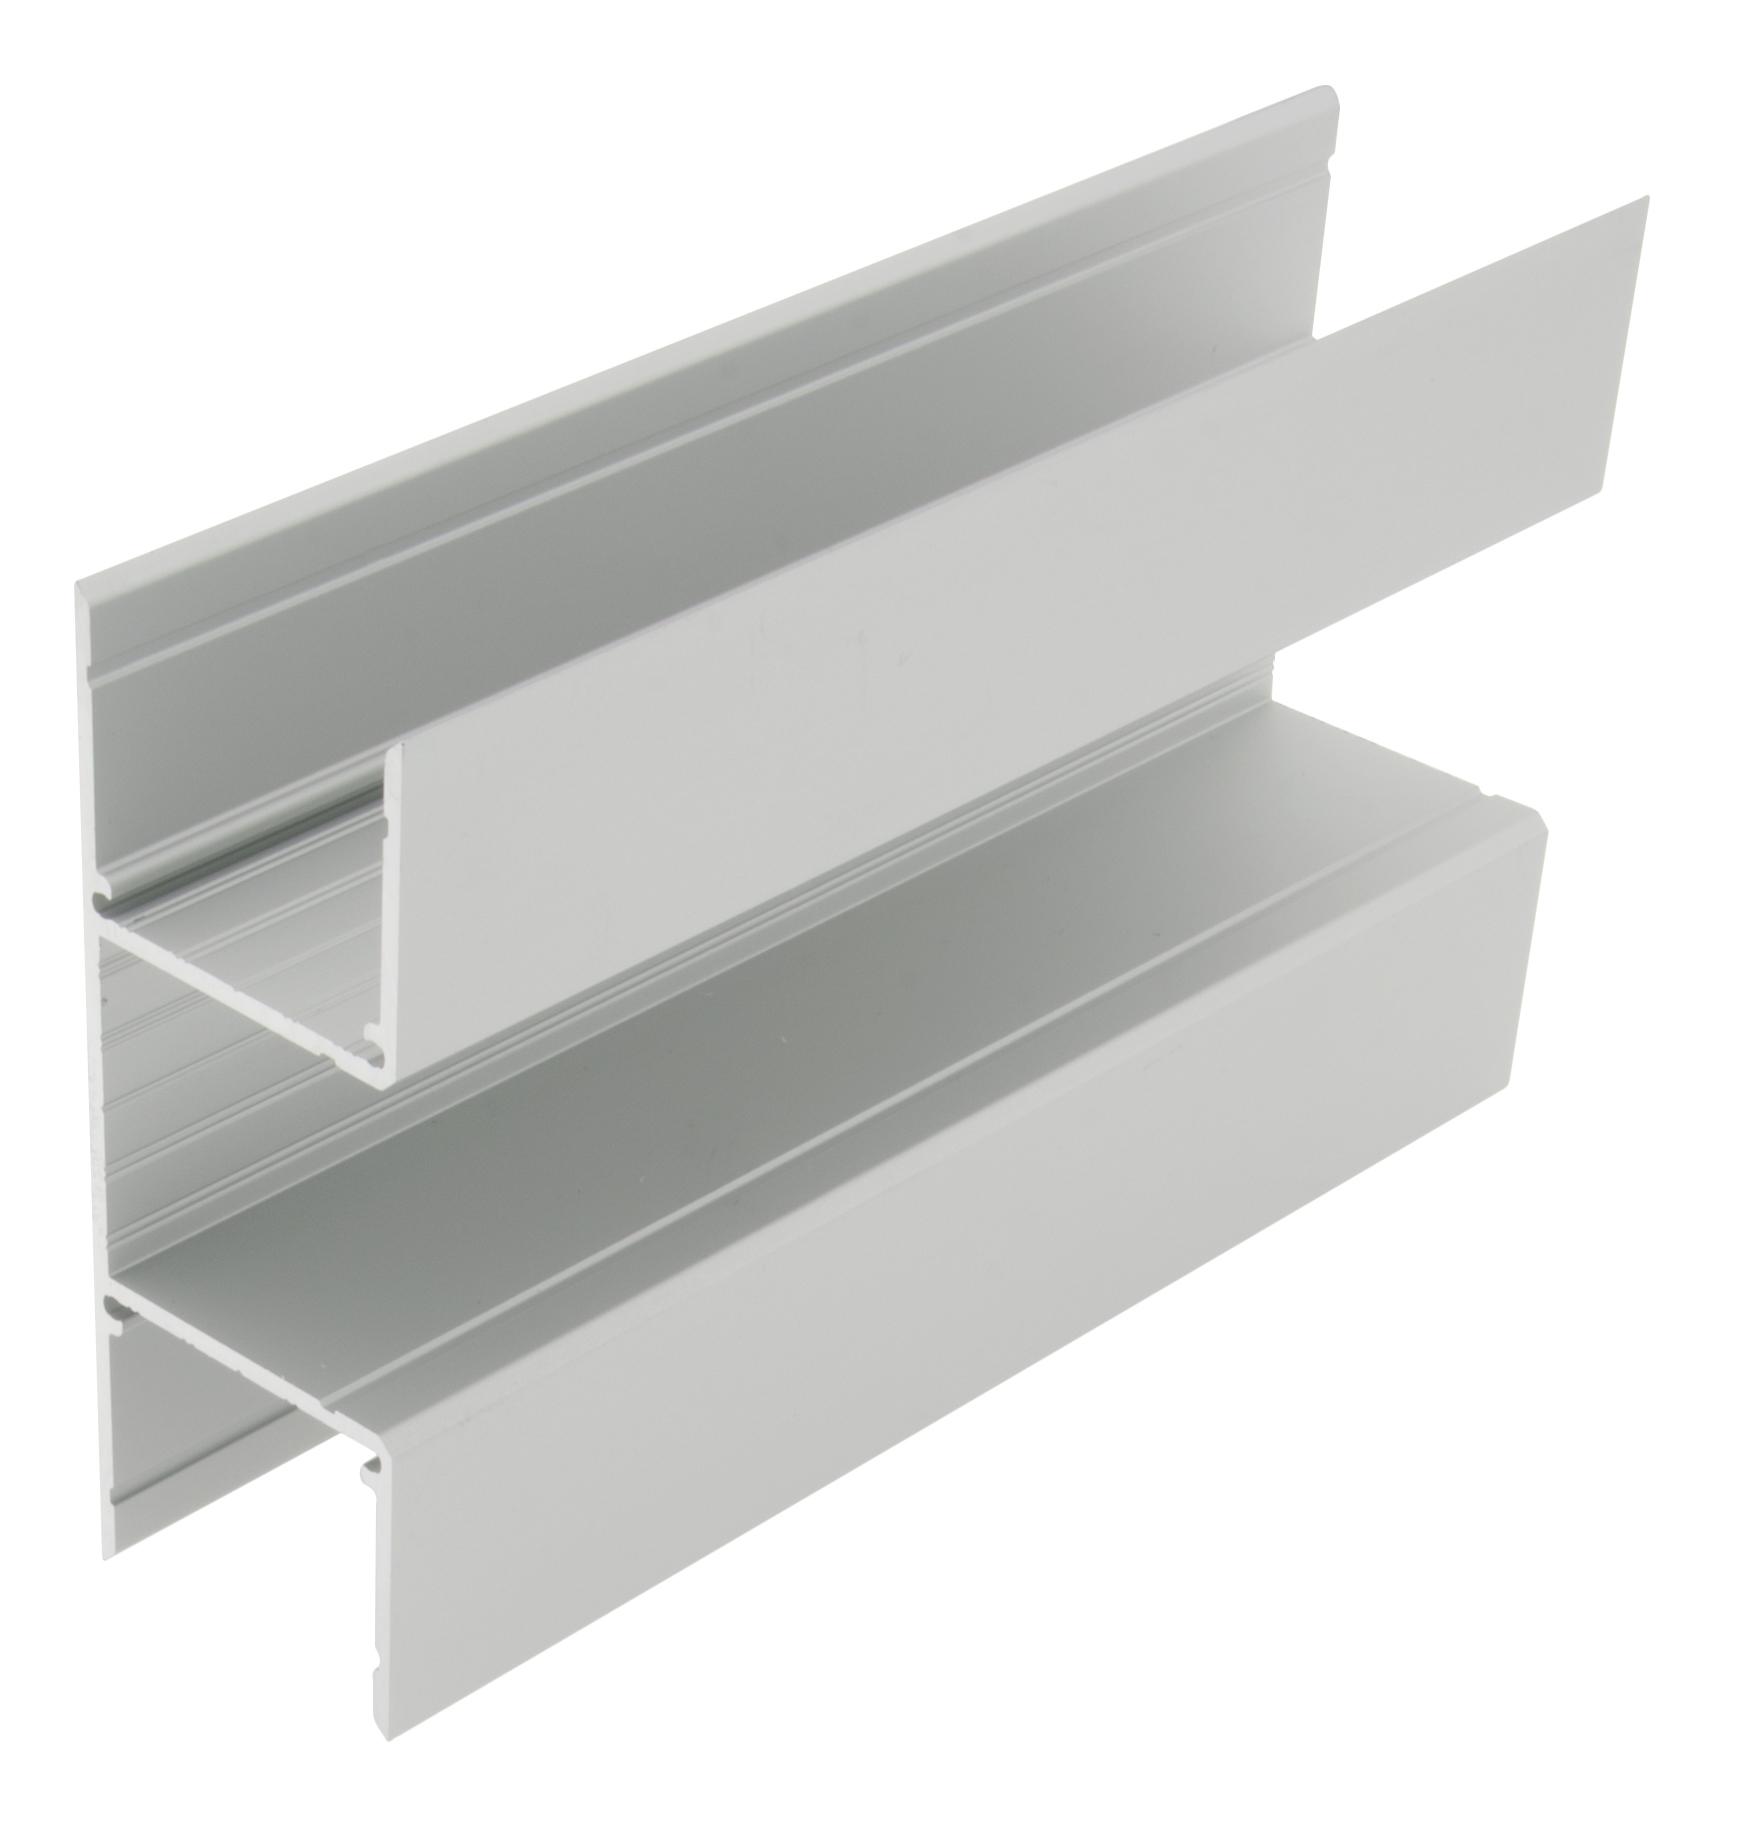 1 m Aluminium Profil CLW LIAP006005